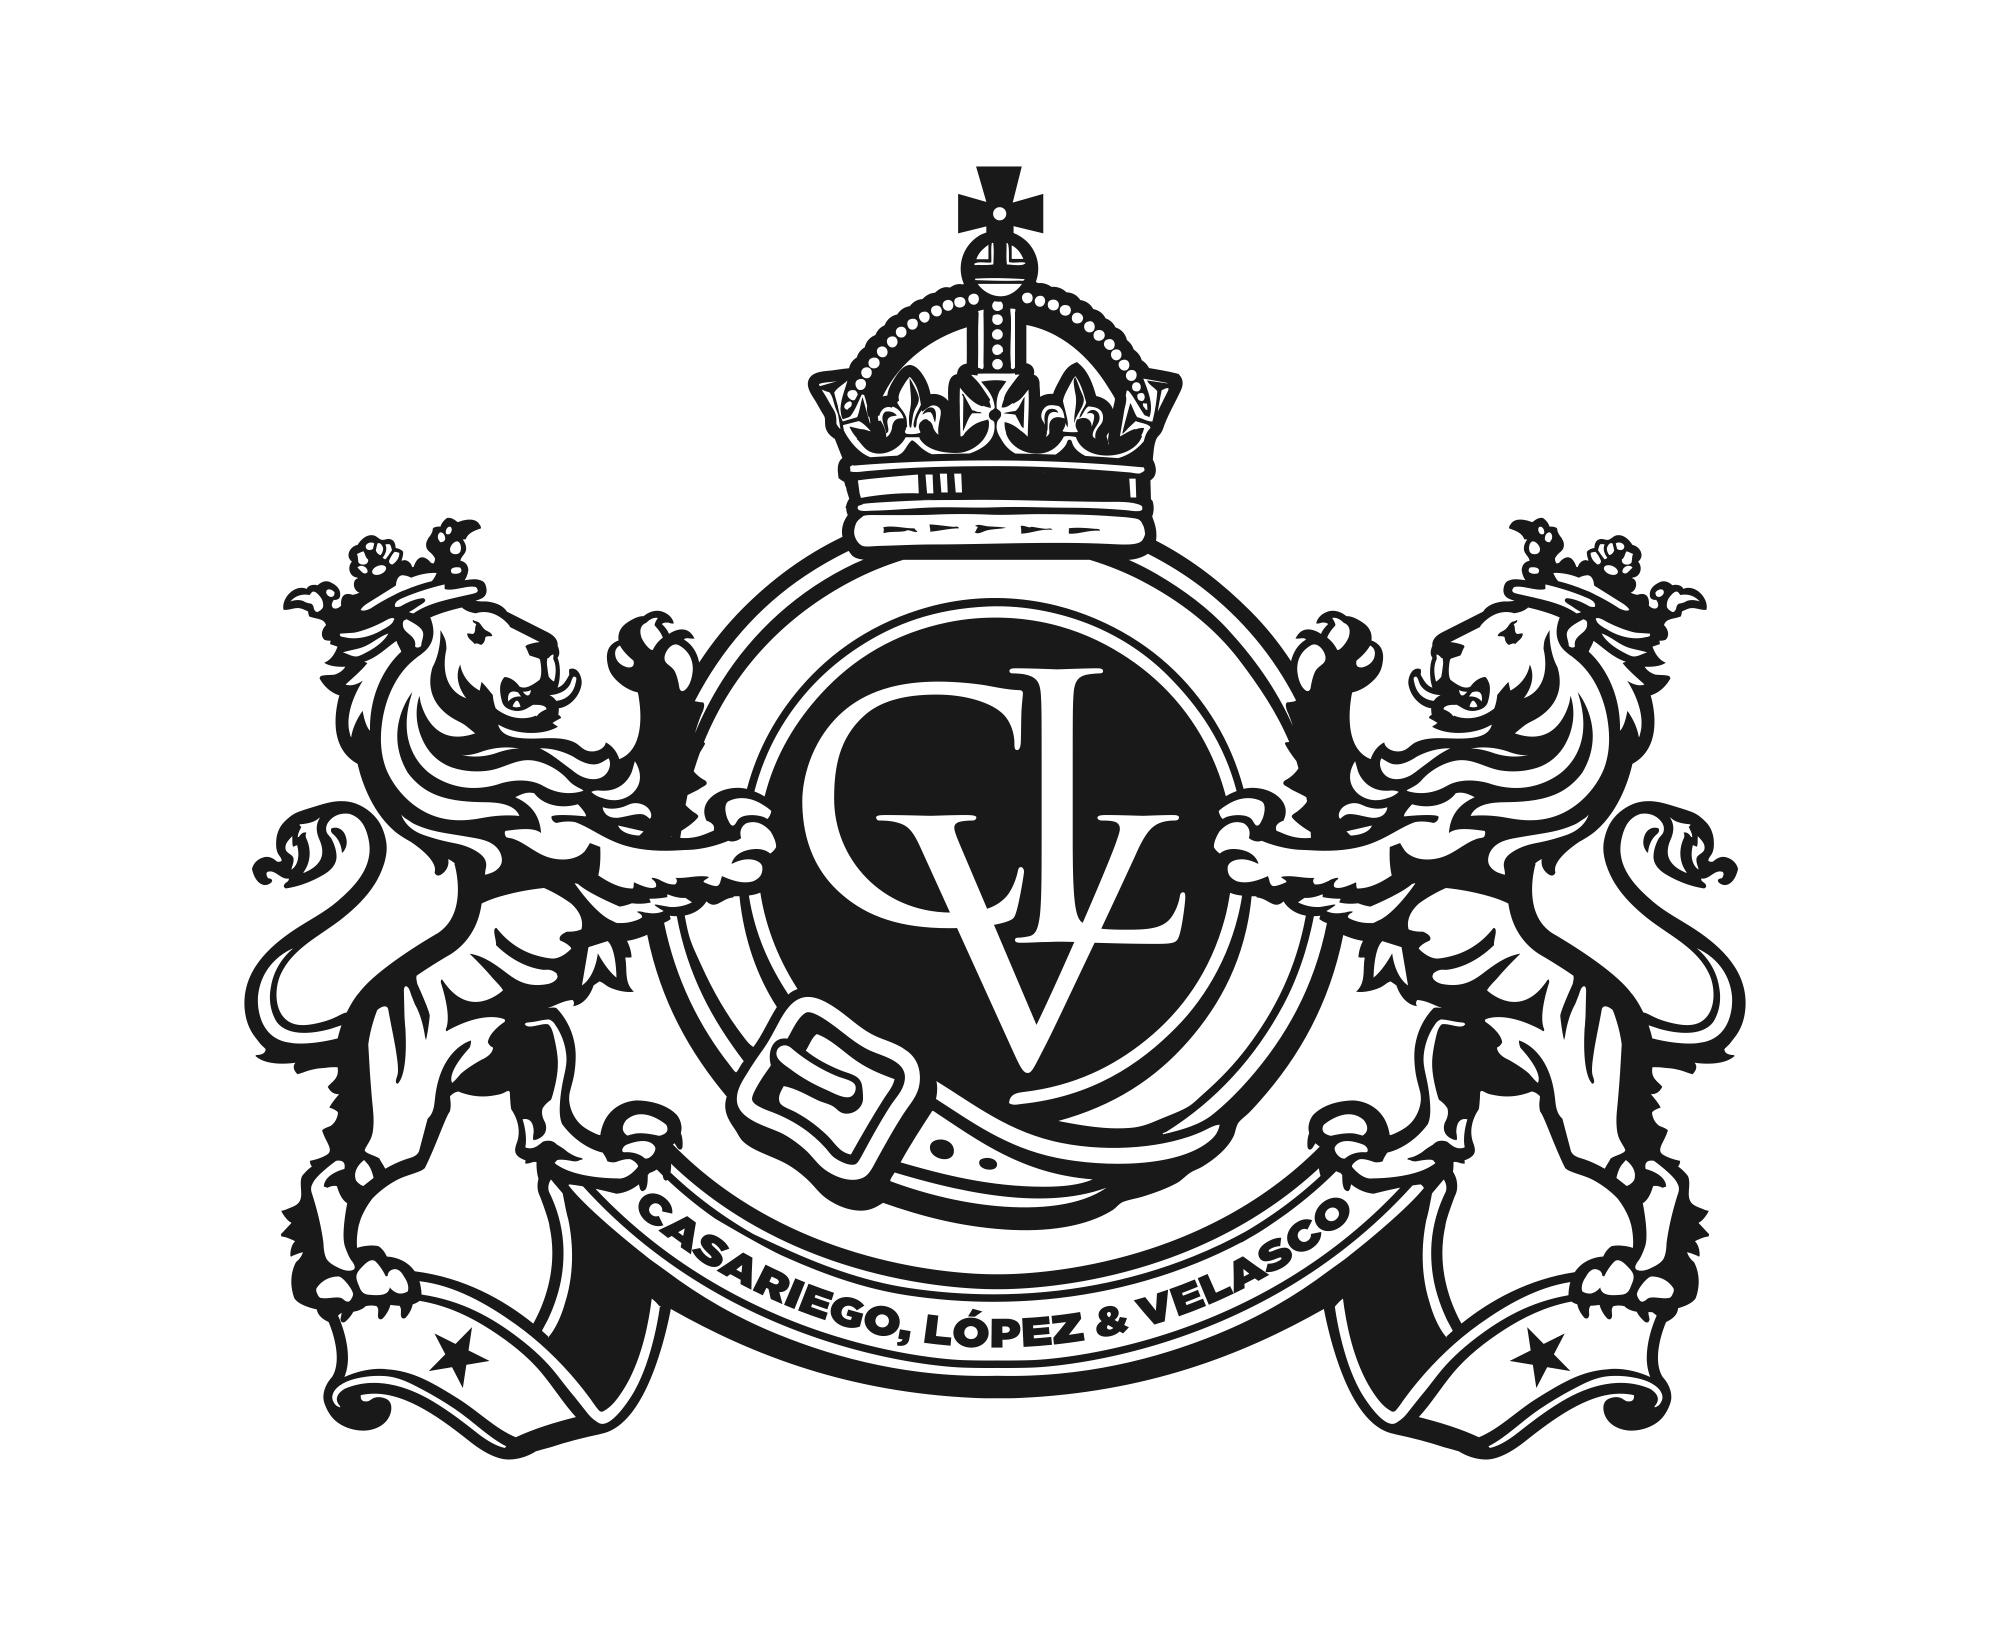 C L V